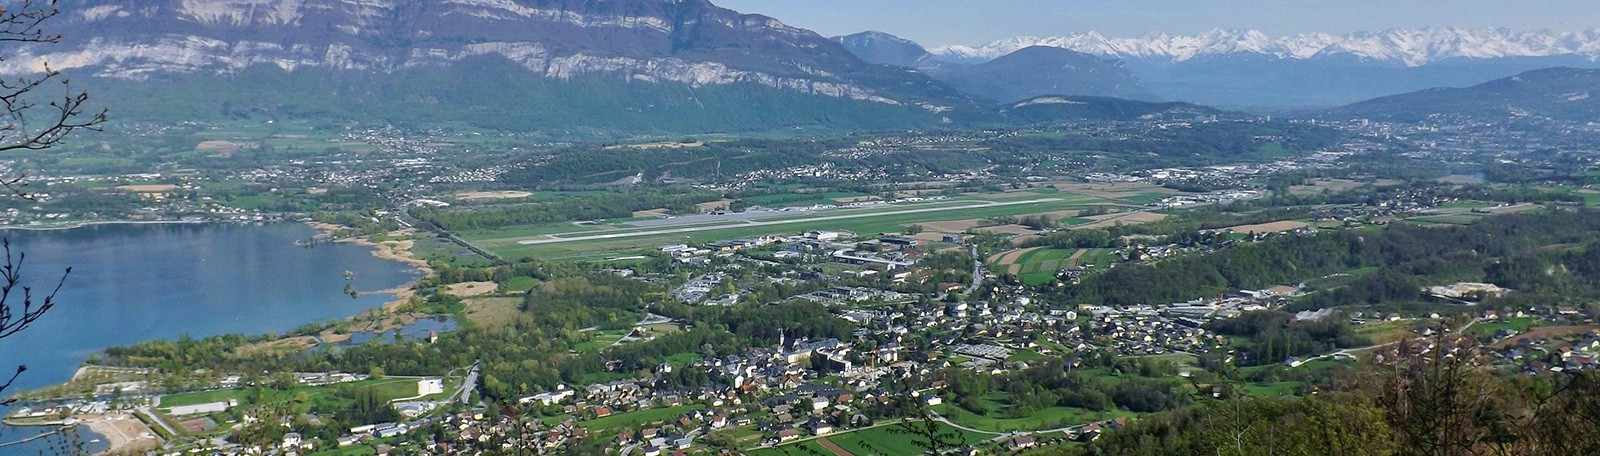 Stationner à Chambéry Manège